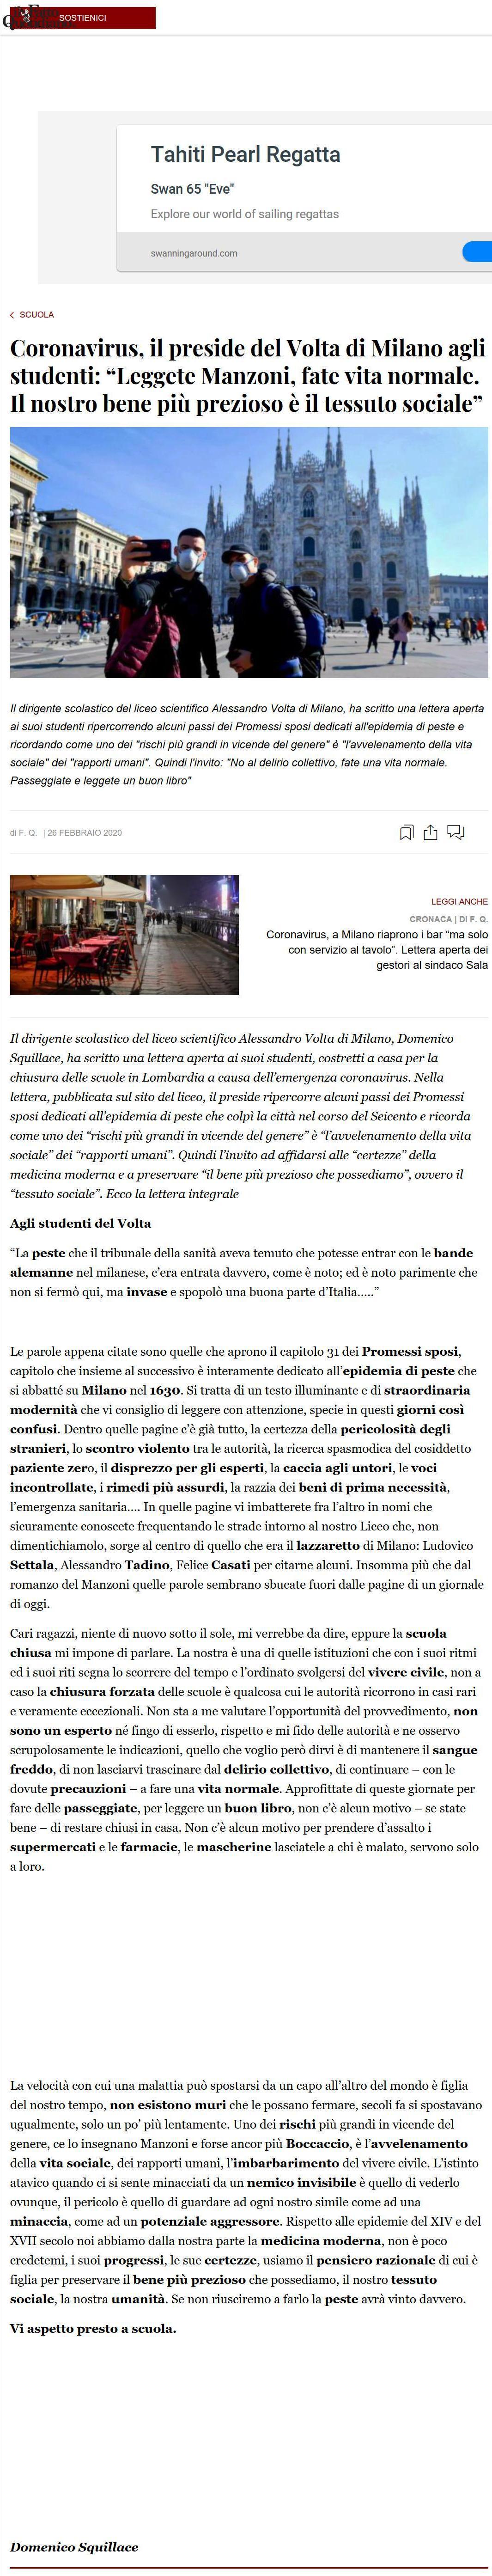 イタリア 校長 手紙 全文